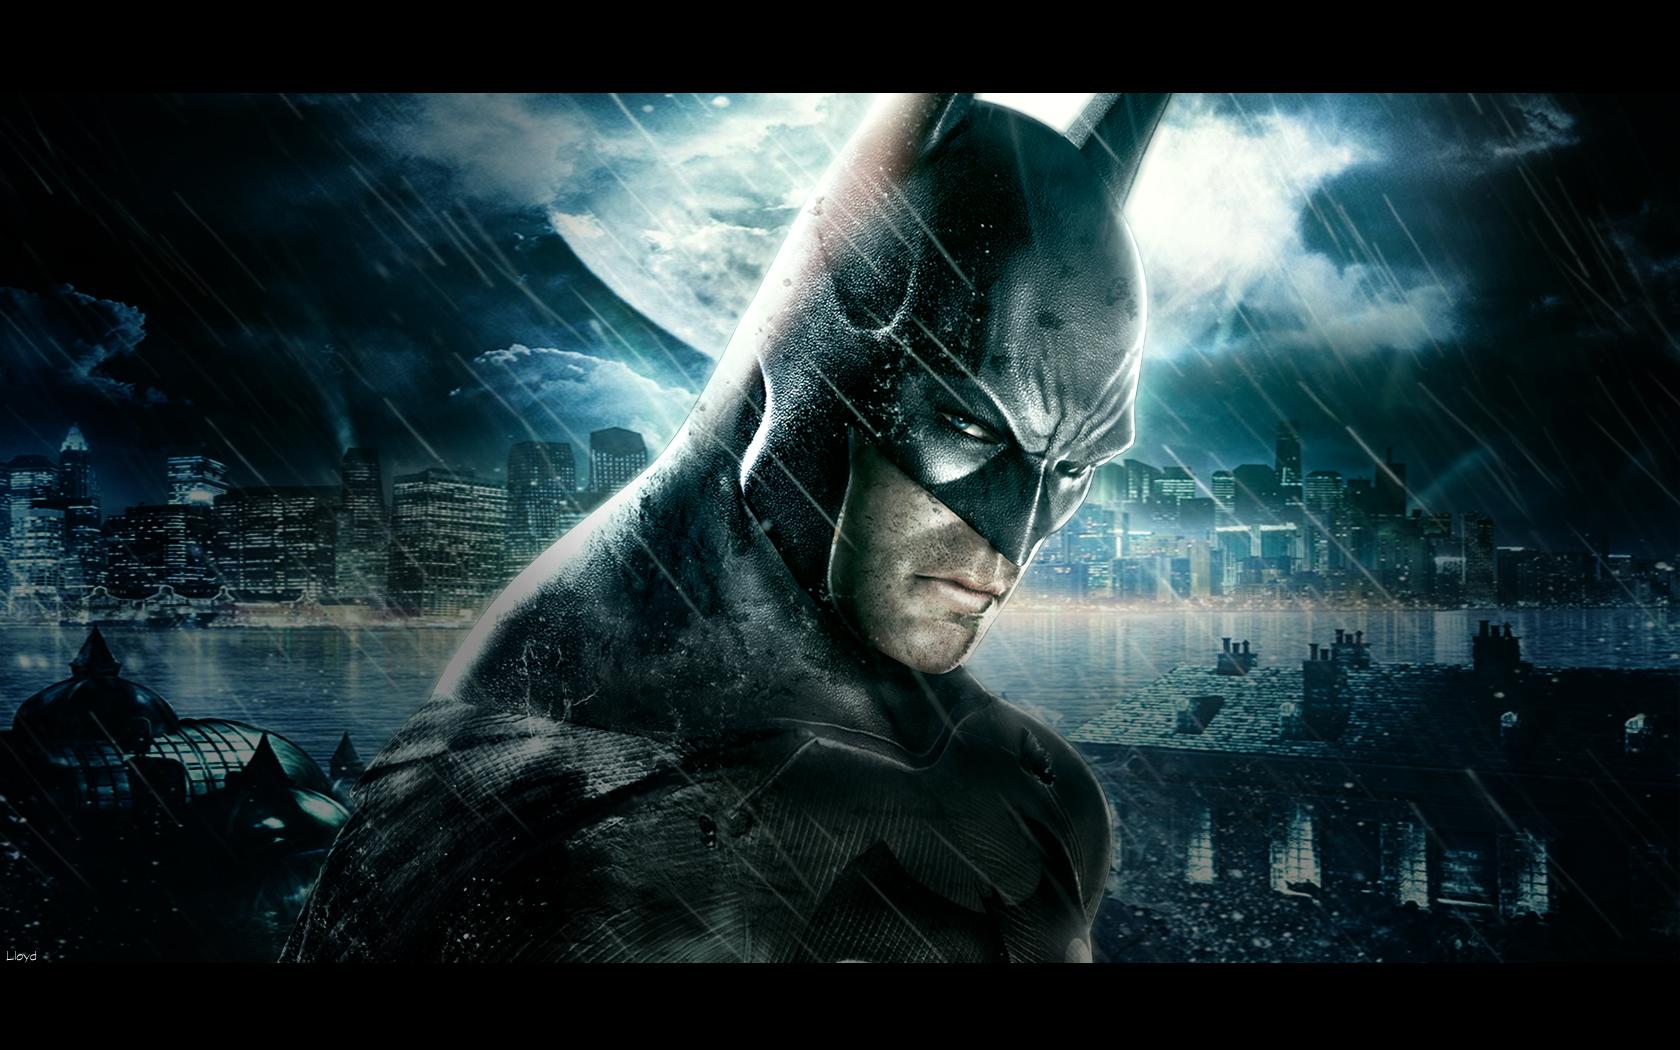 batman arkham asylum wallpaper by igotgame1075 fan art wallpaper games 1680x1050